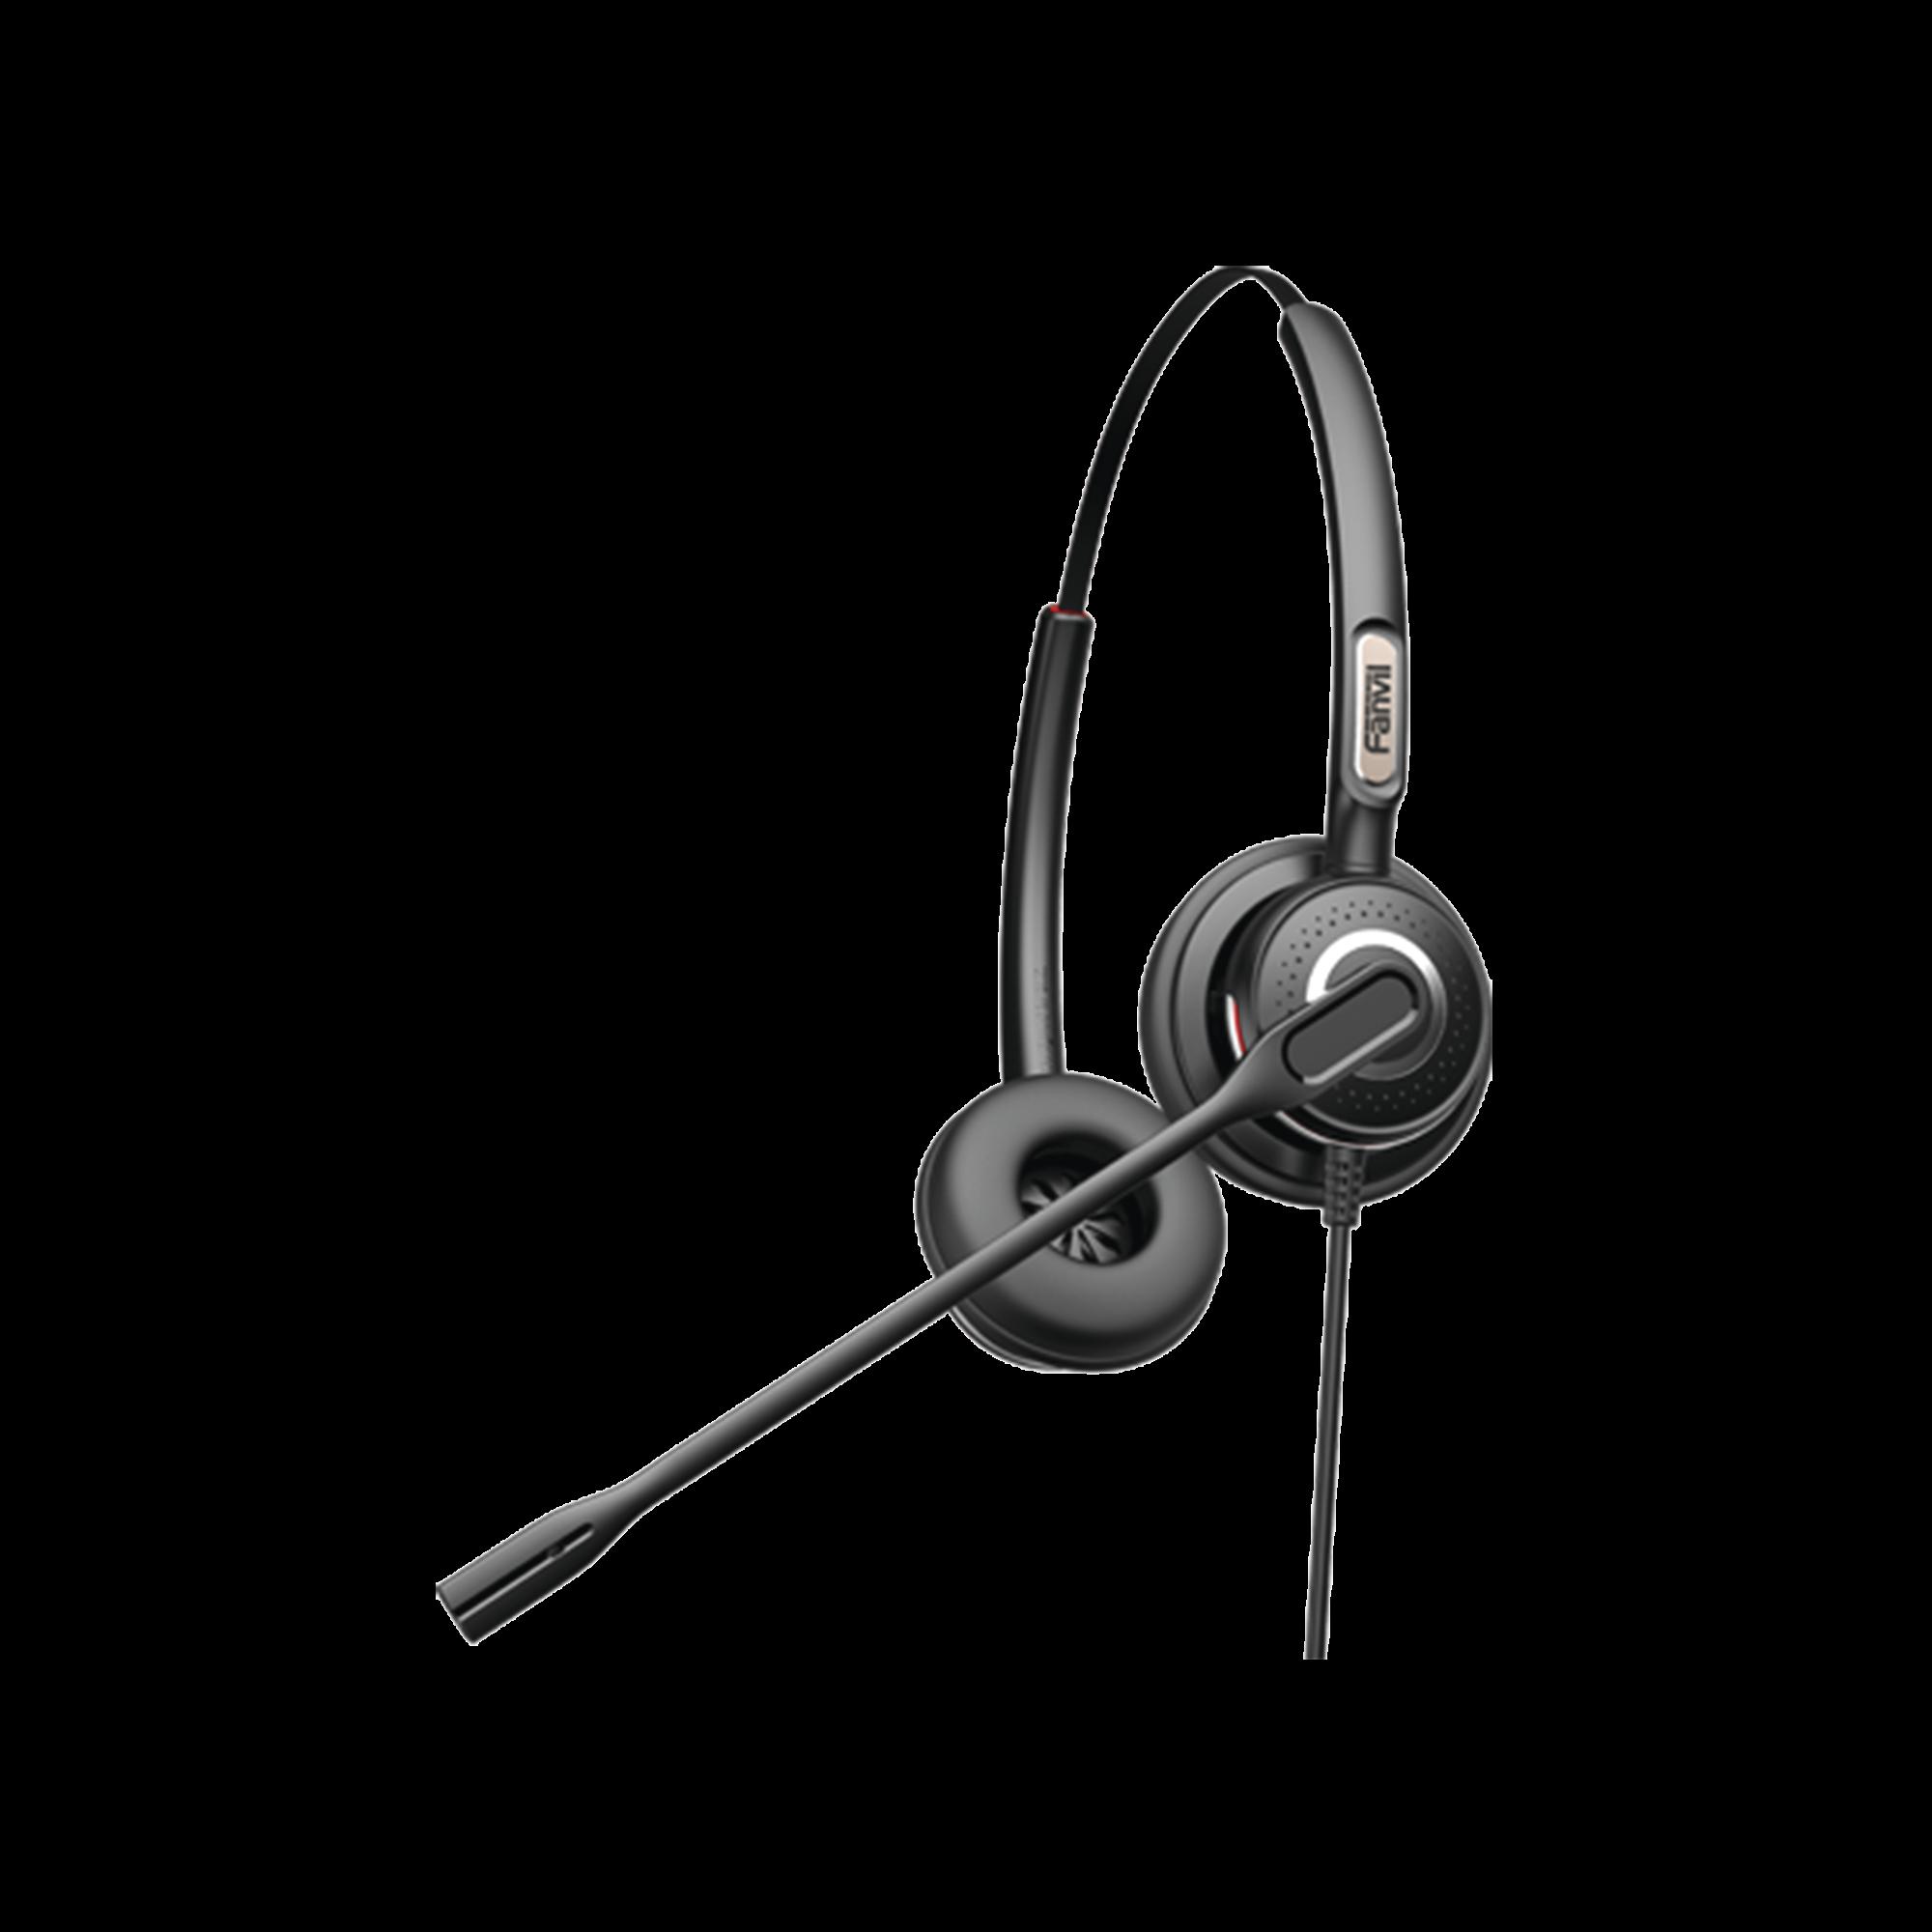 Diadema binaudal (duo) con tecnología antishock para teléfonos IP FANVIL y Polycom con micrófono de cancelación de ruido, larga durabilidad